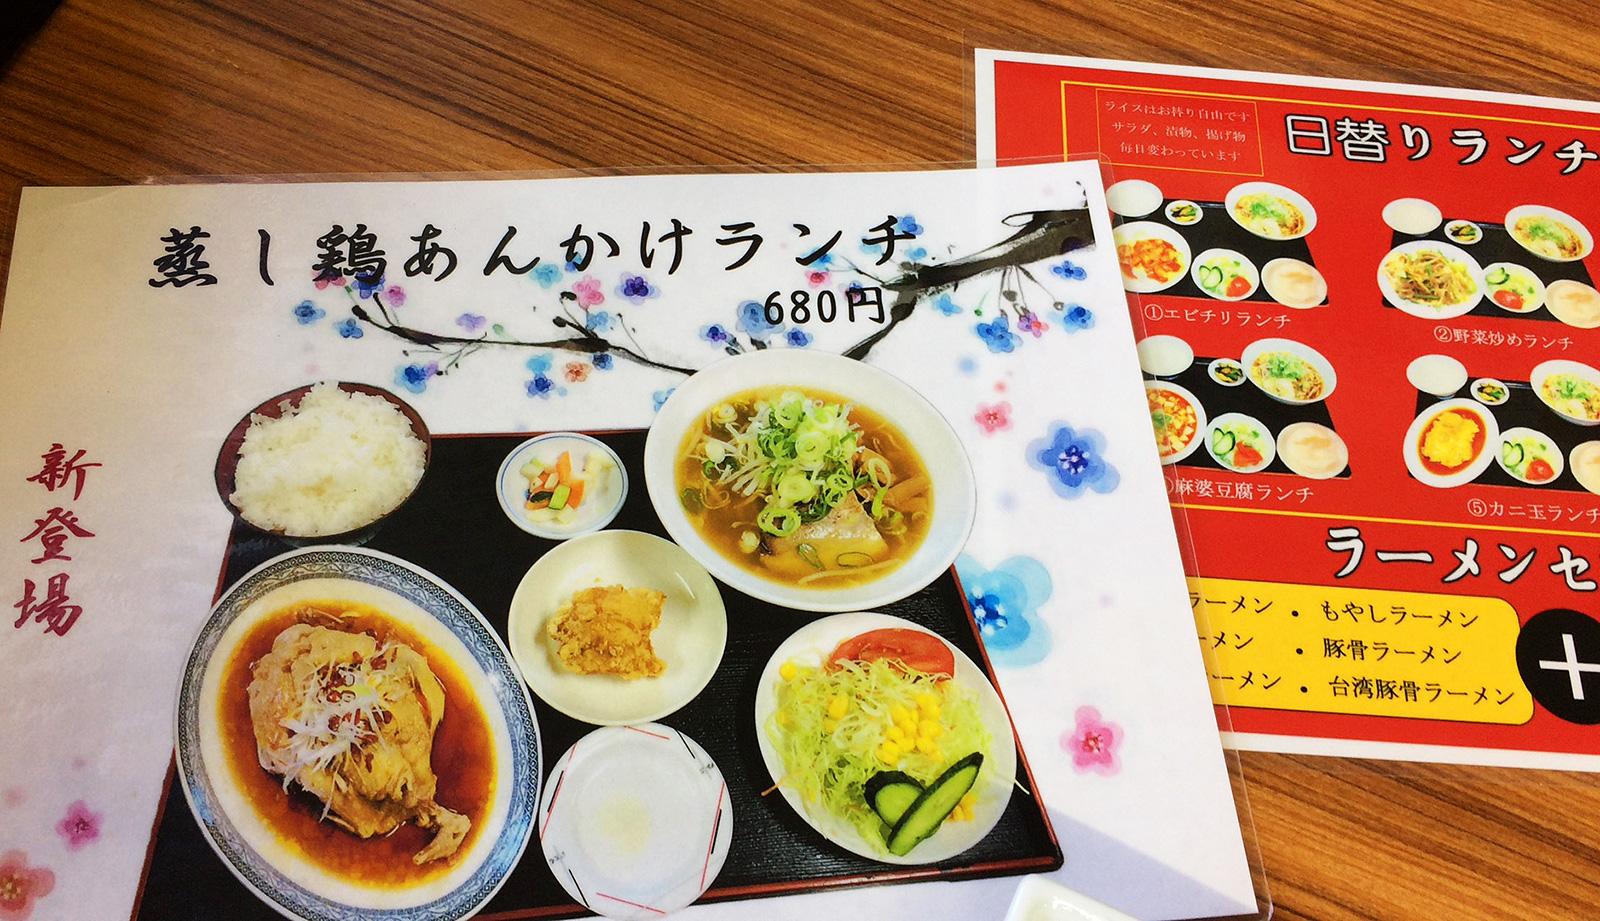 「九龍居 北名古屋店」の蒸し鶏あんかけランチ @師勝